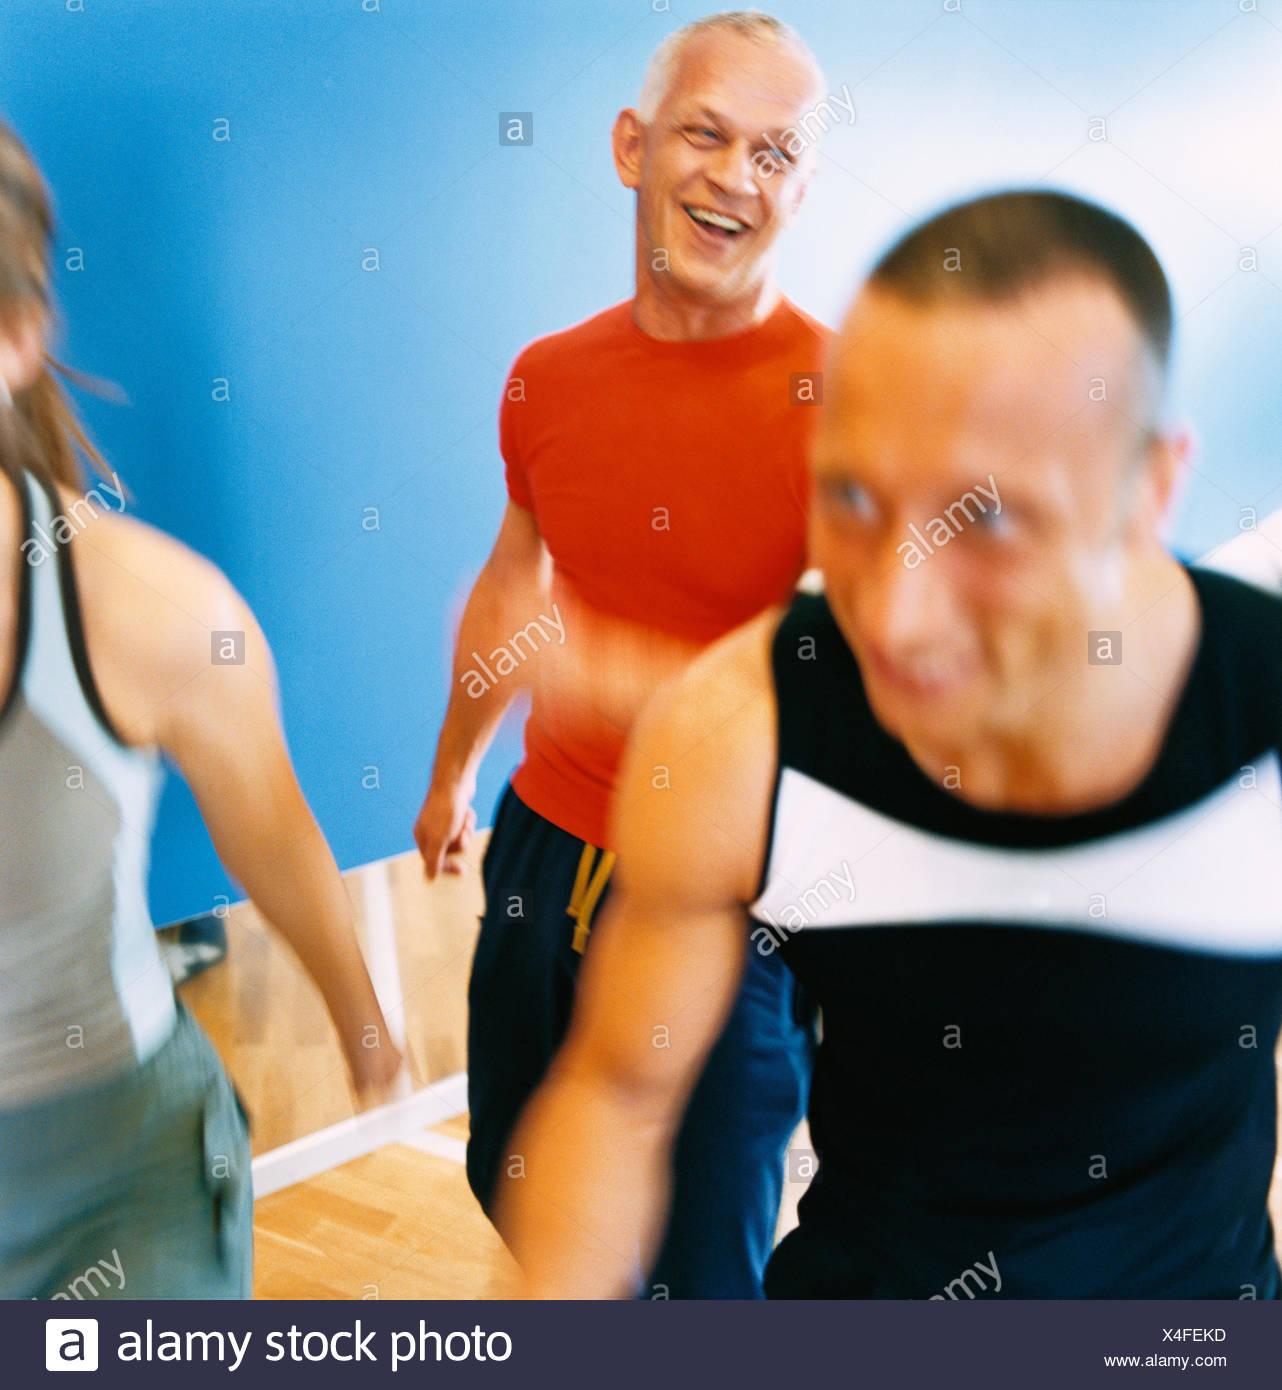 30-34 Jahre 70 bis 74 Jahren 75-79 Jahren Aktivität Erwachsene nur Aerobic Athlet Bodybuilding Farbe Bild älterer Mann Ausübung Stockfoto